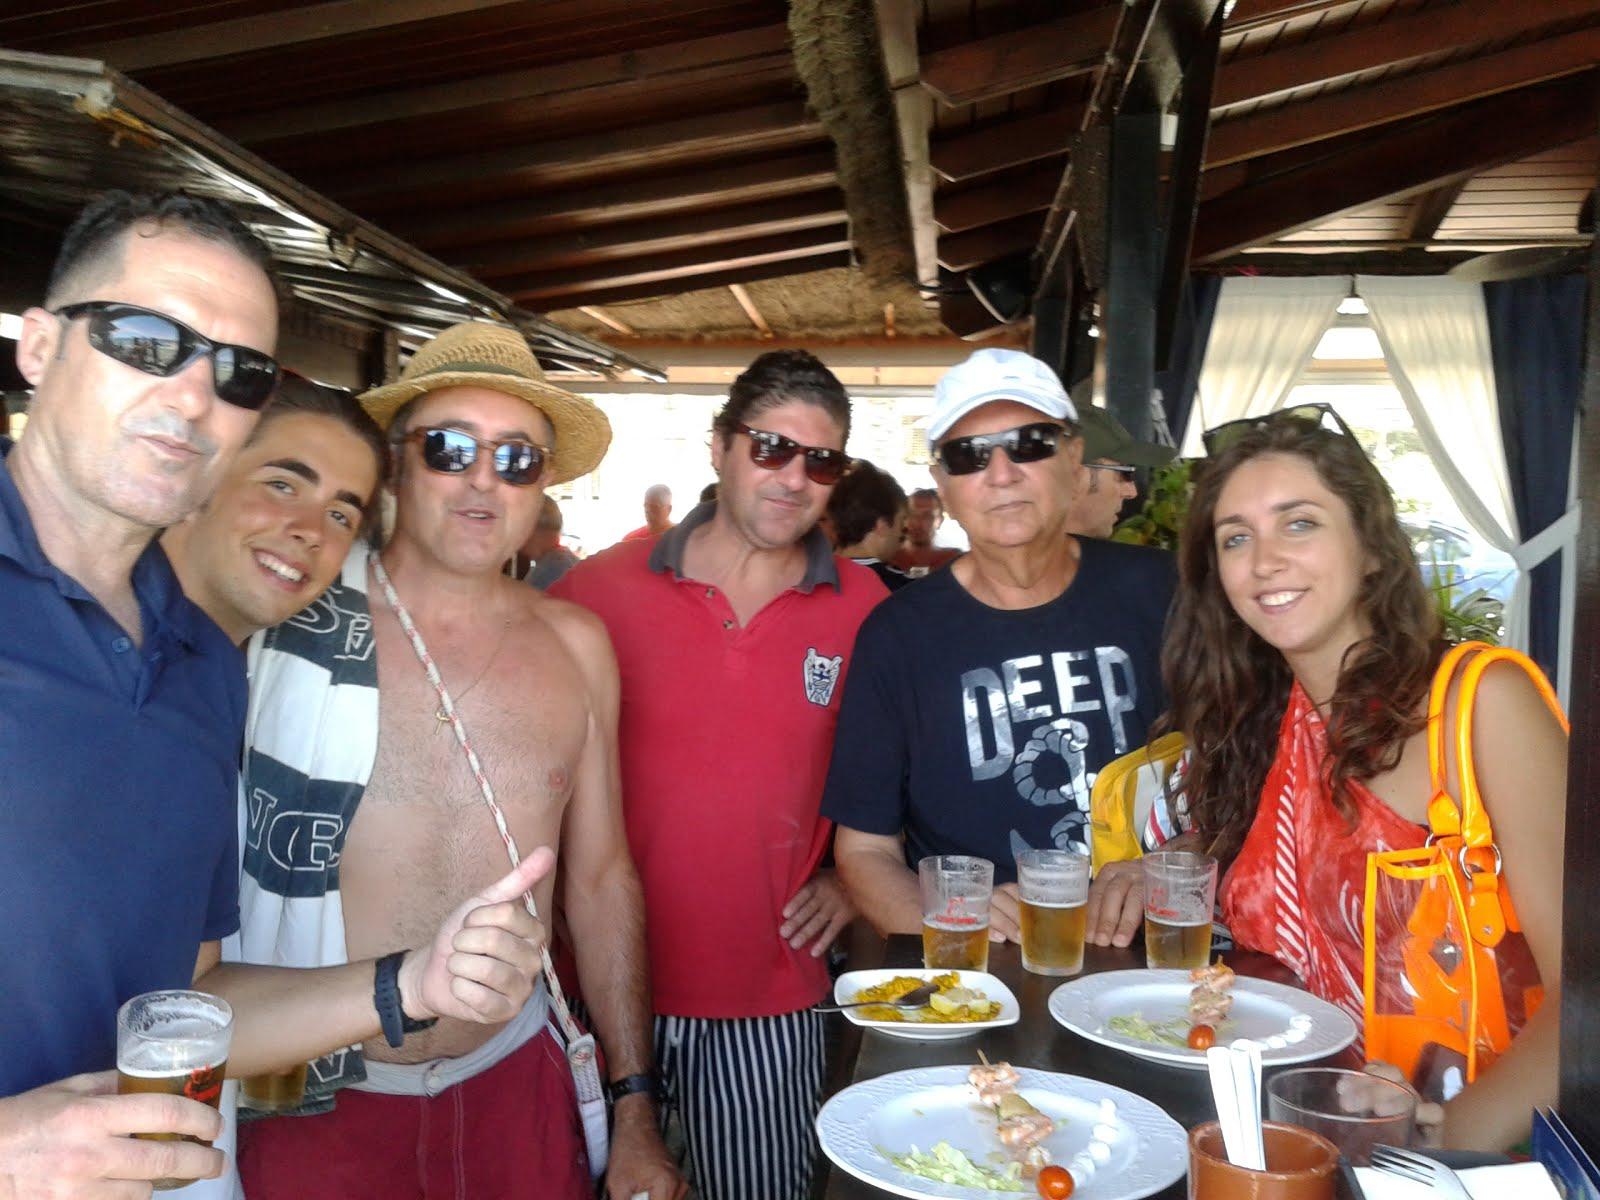 Mi padre, primo Jose Miguel ( el de los jamones), hermano e hijos mi primo, María y J. Miguel .2015